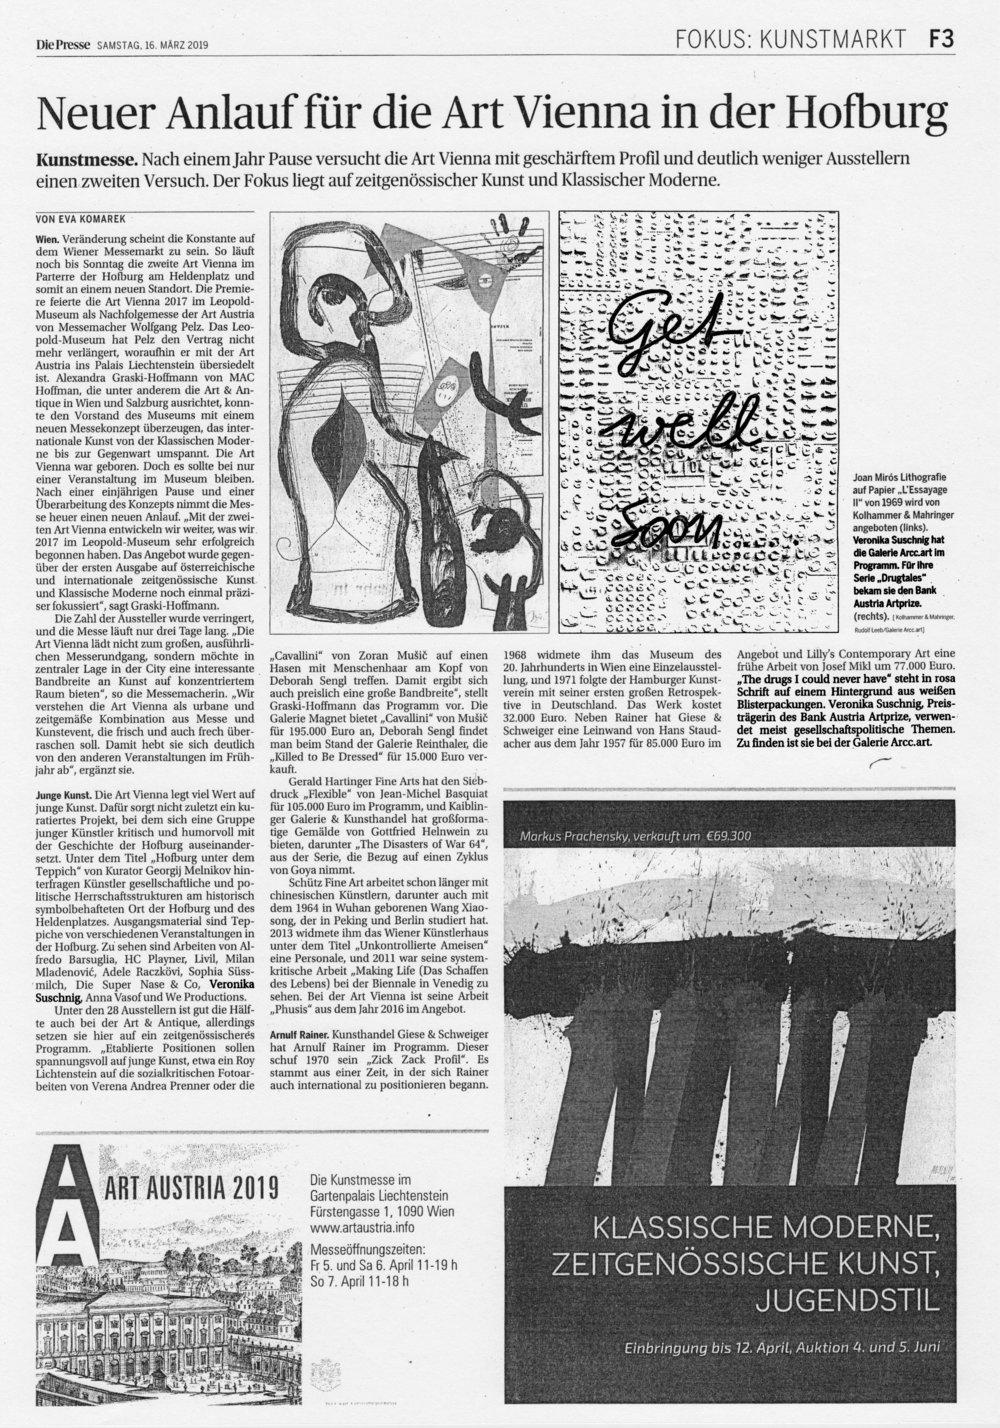 Pressestimme_190316_Die__Presse_ART_VIENNA_2019.jpg